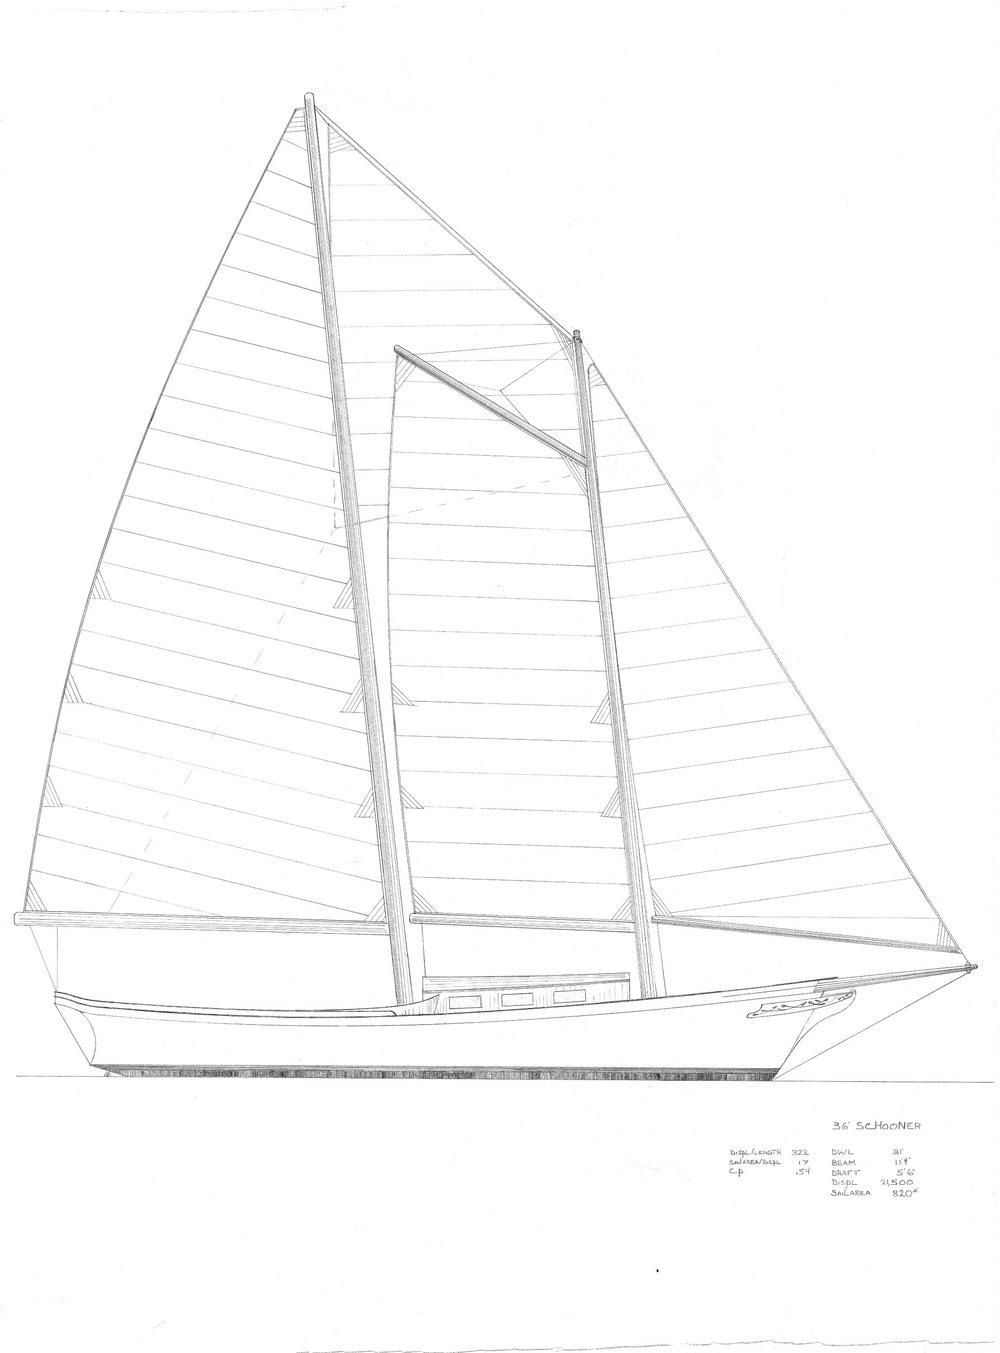 36 ft schooner.pdf.jpg